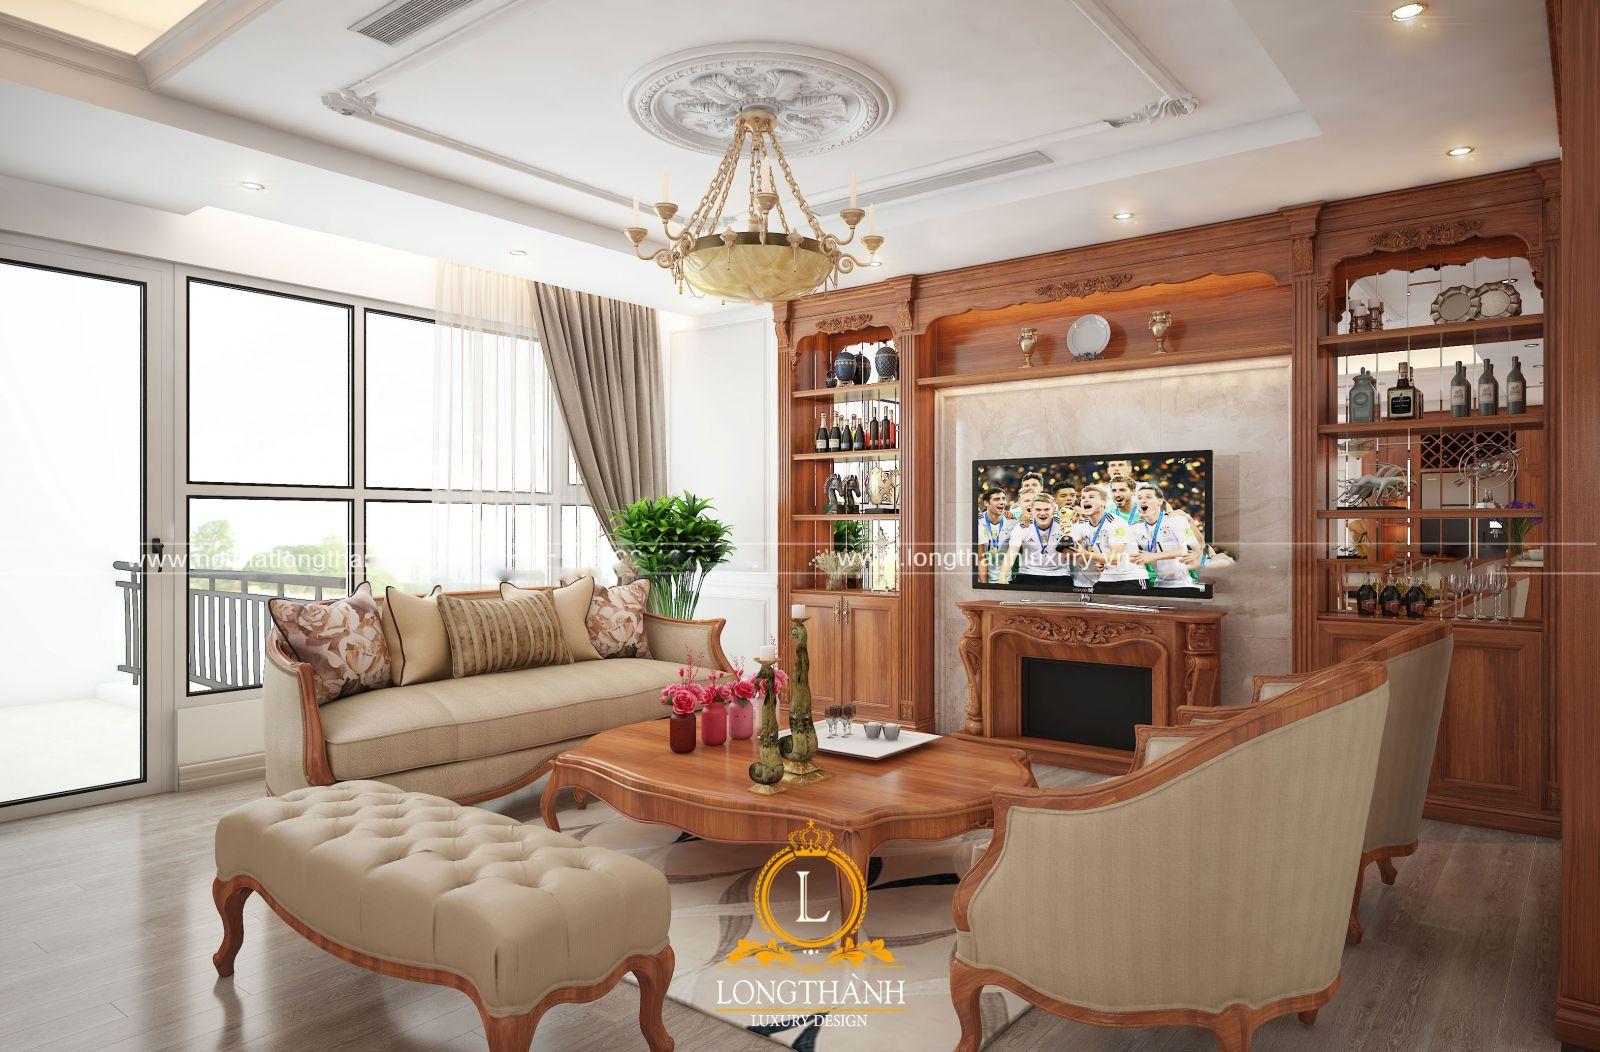 Lựa chọn kích thước sofa vừa phải bảo đảm sự cân đối và phù hợp cùng không gian